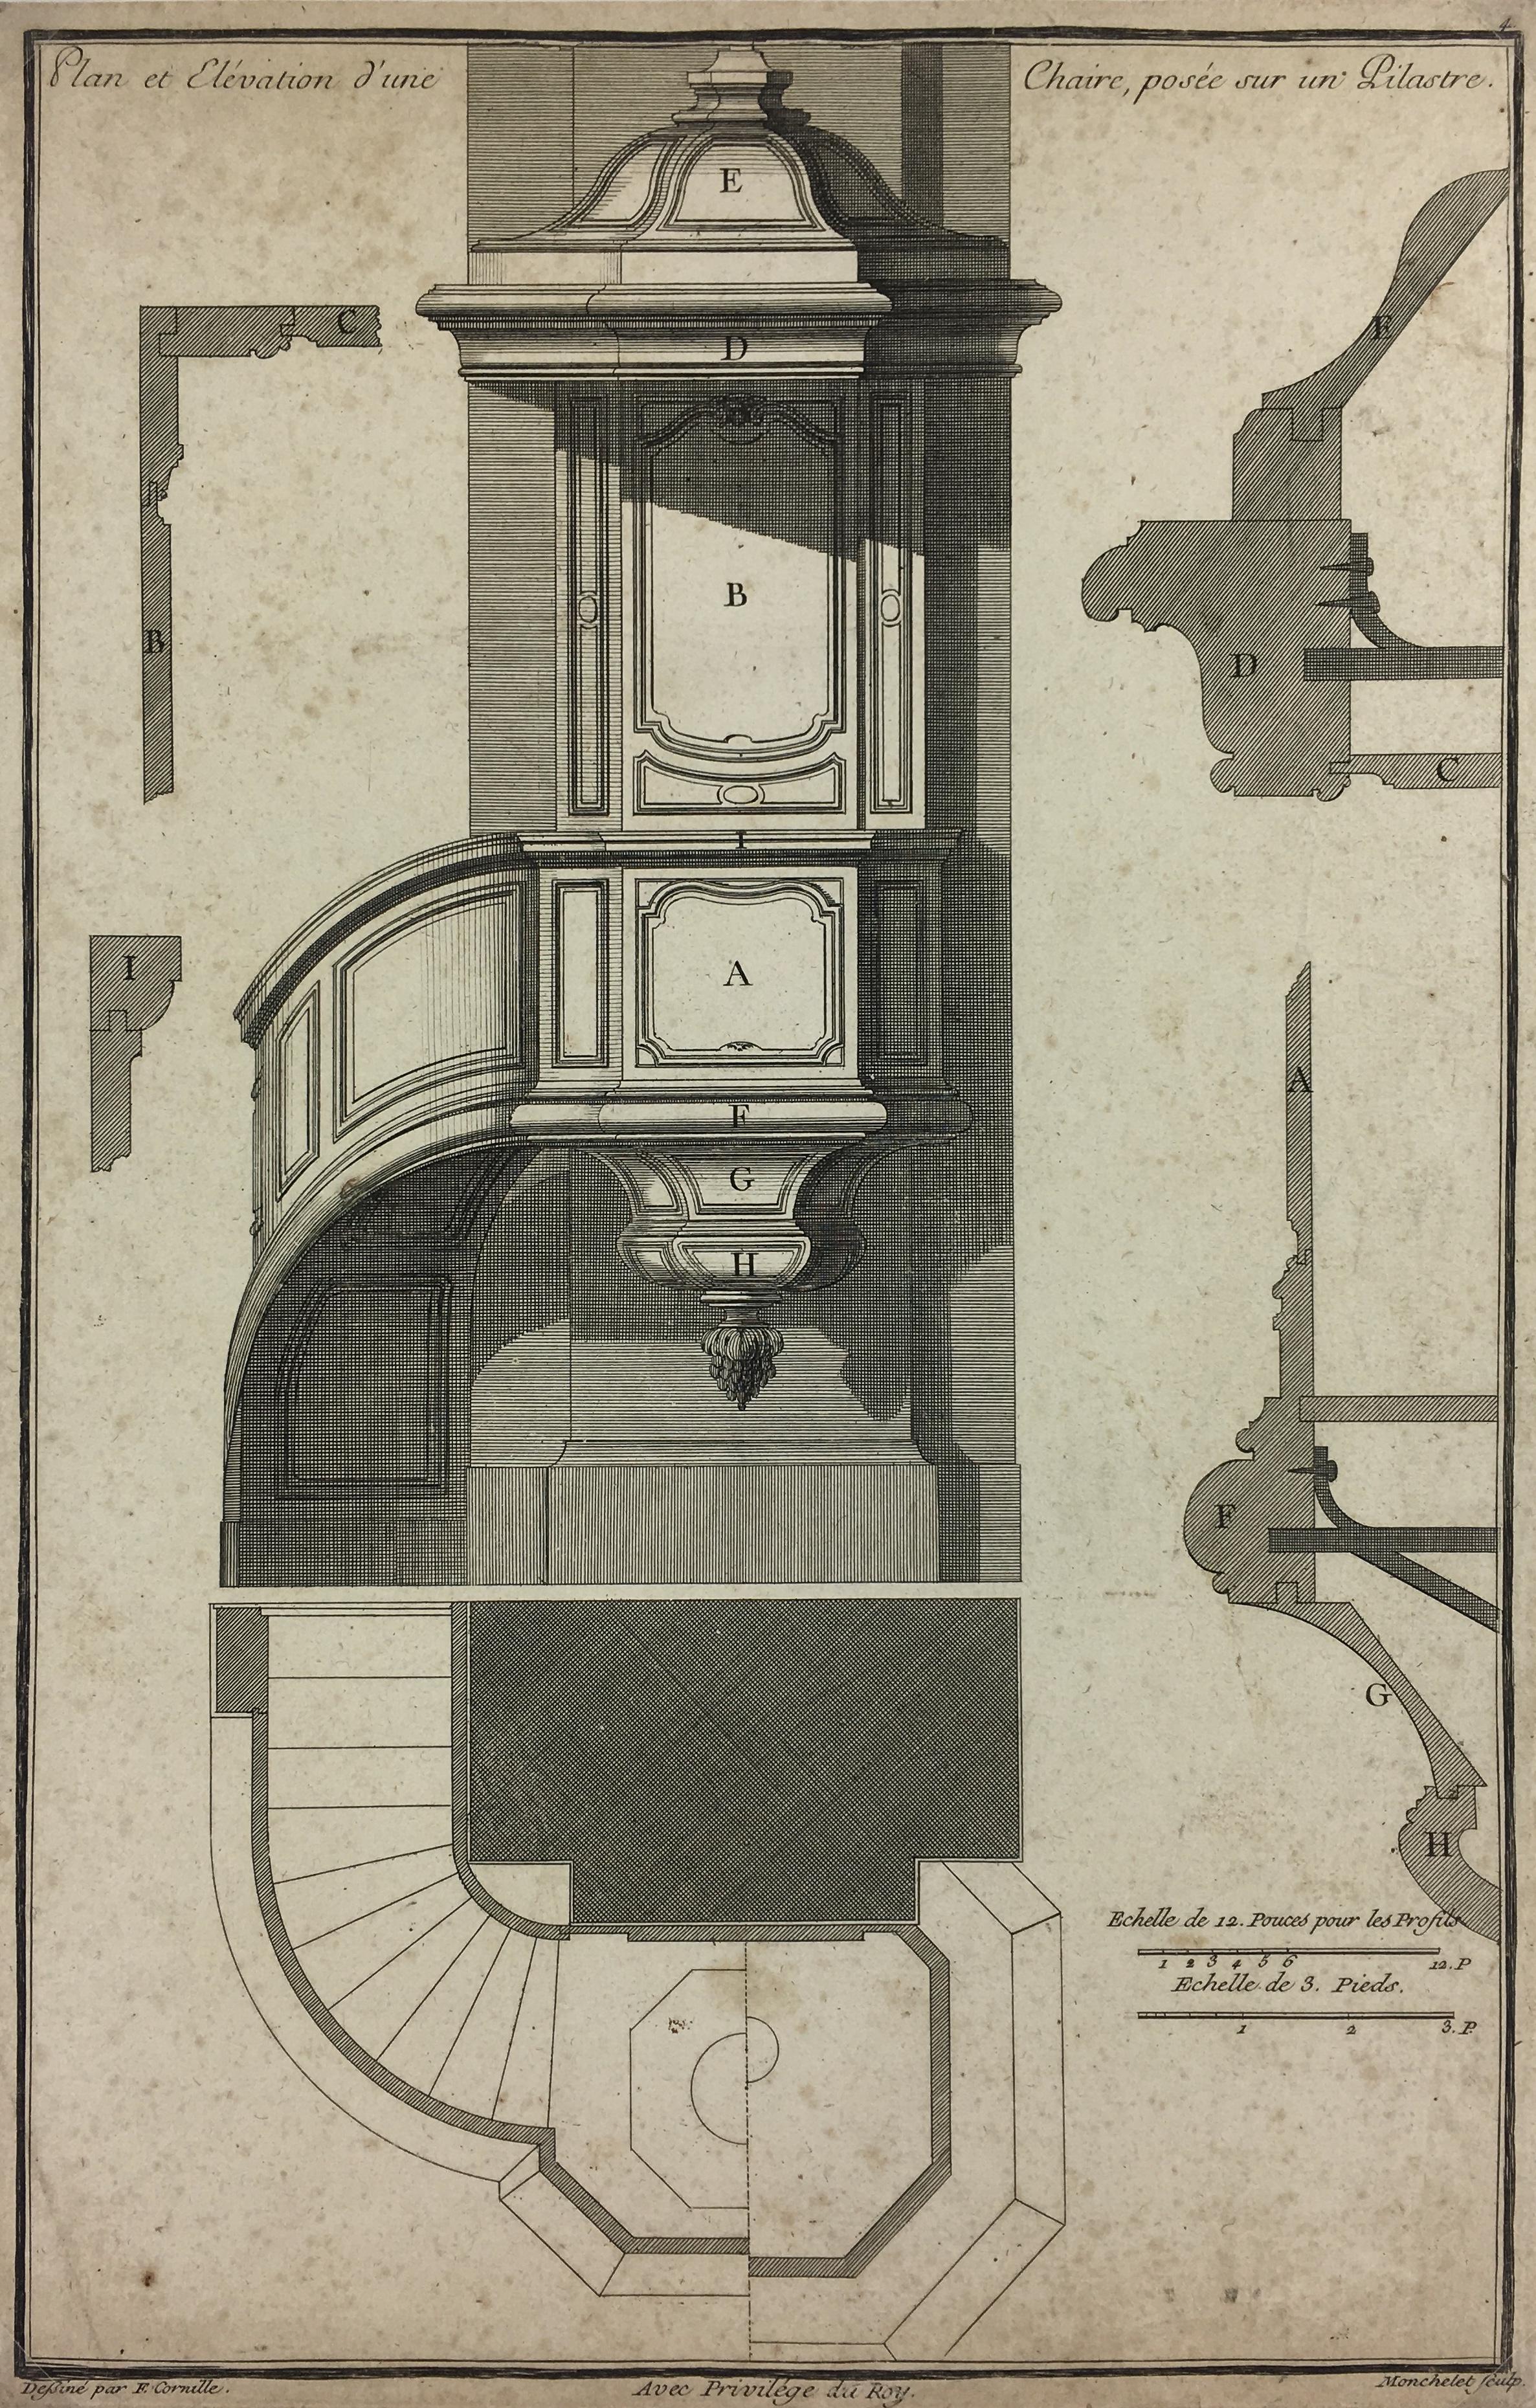 Architecture Print - Architectural Plan, F. Cornille, c.1740